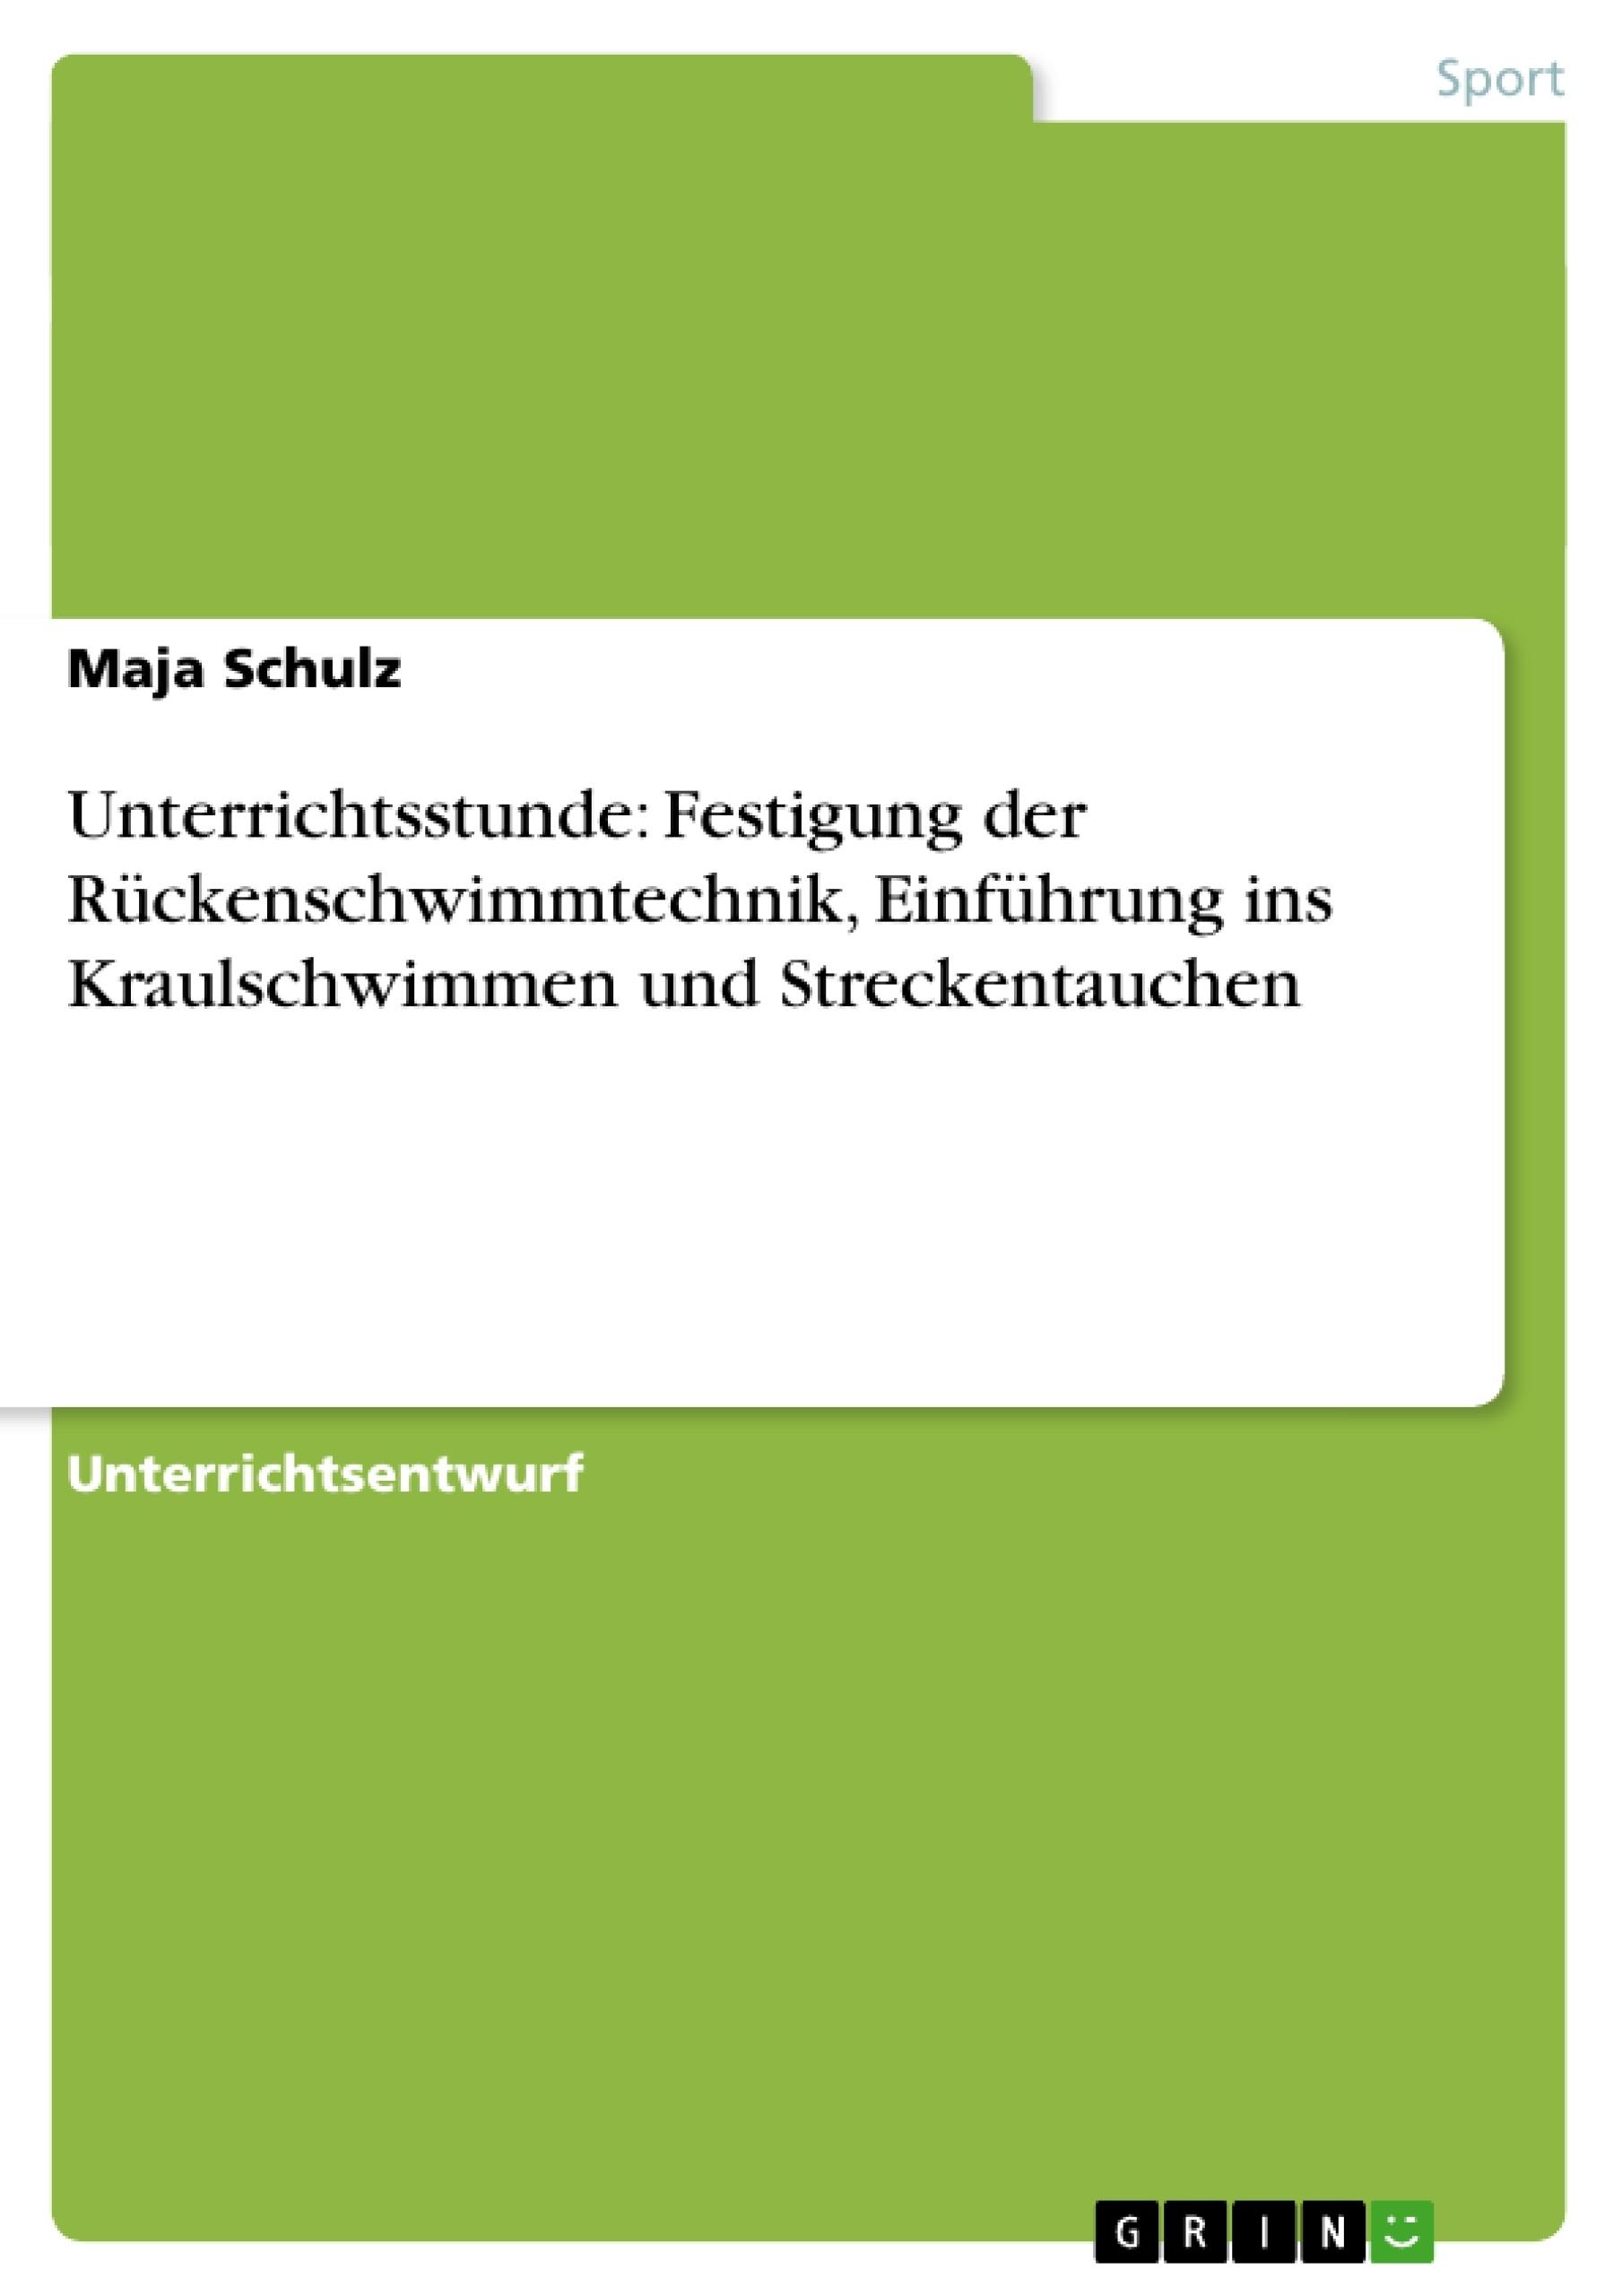 Titel: Unterrichtsstunde: Festigung der Rückenschwimmtechnik, Einführung ins Kraulschwimmen und Streckentauchen